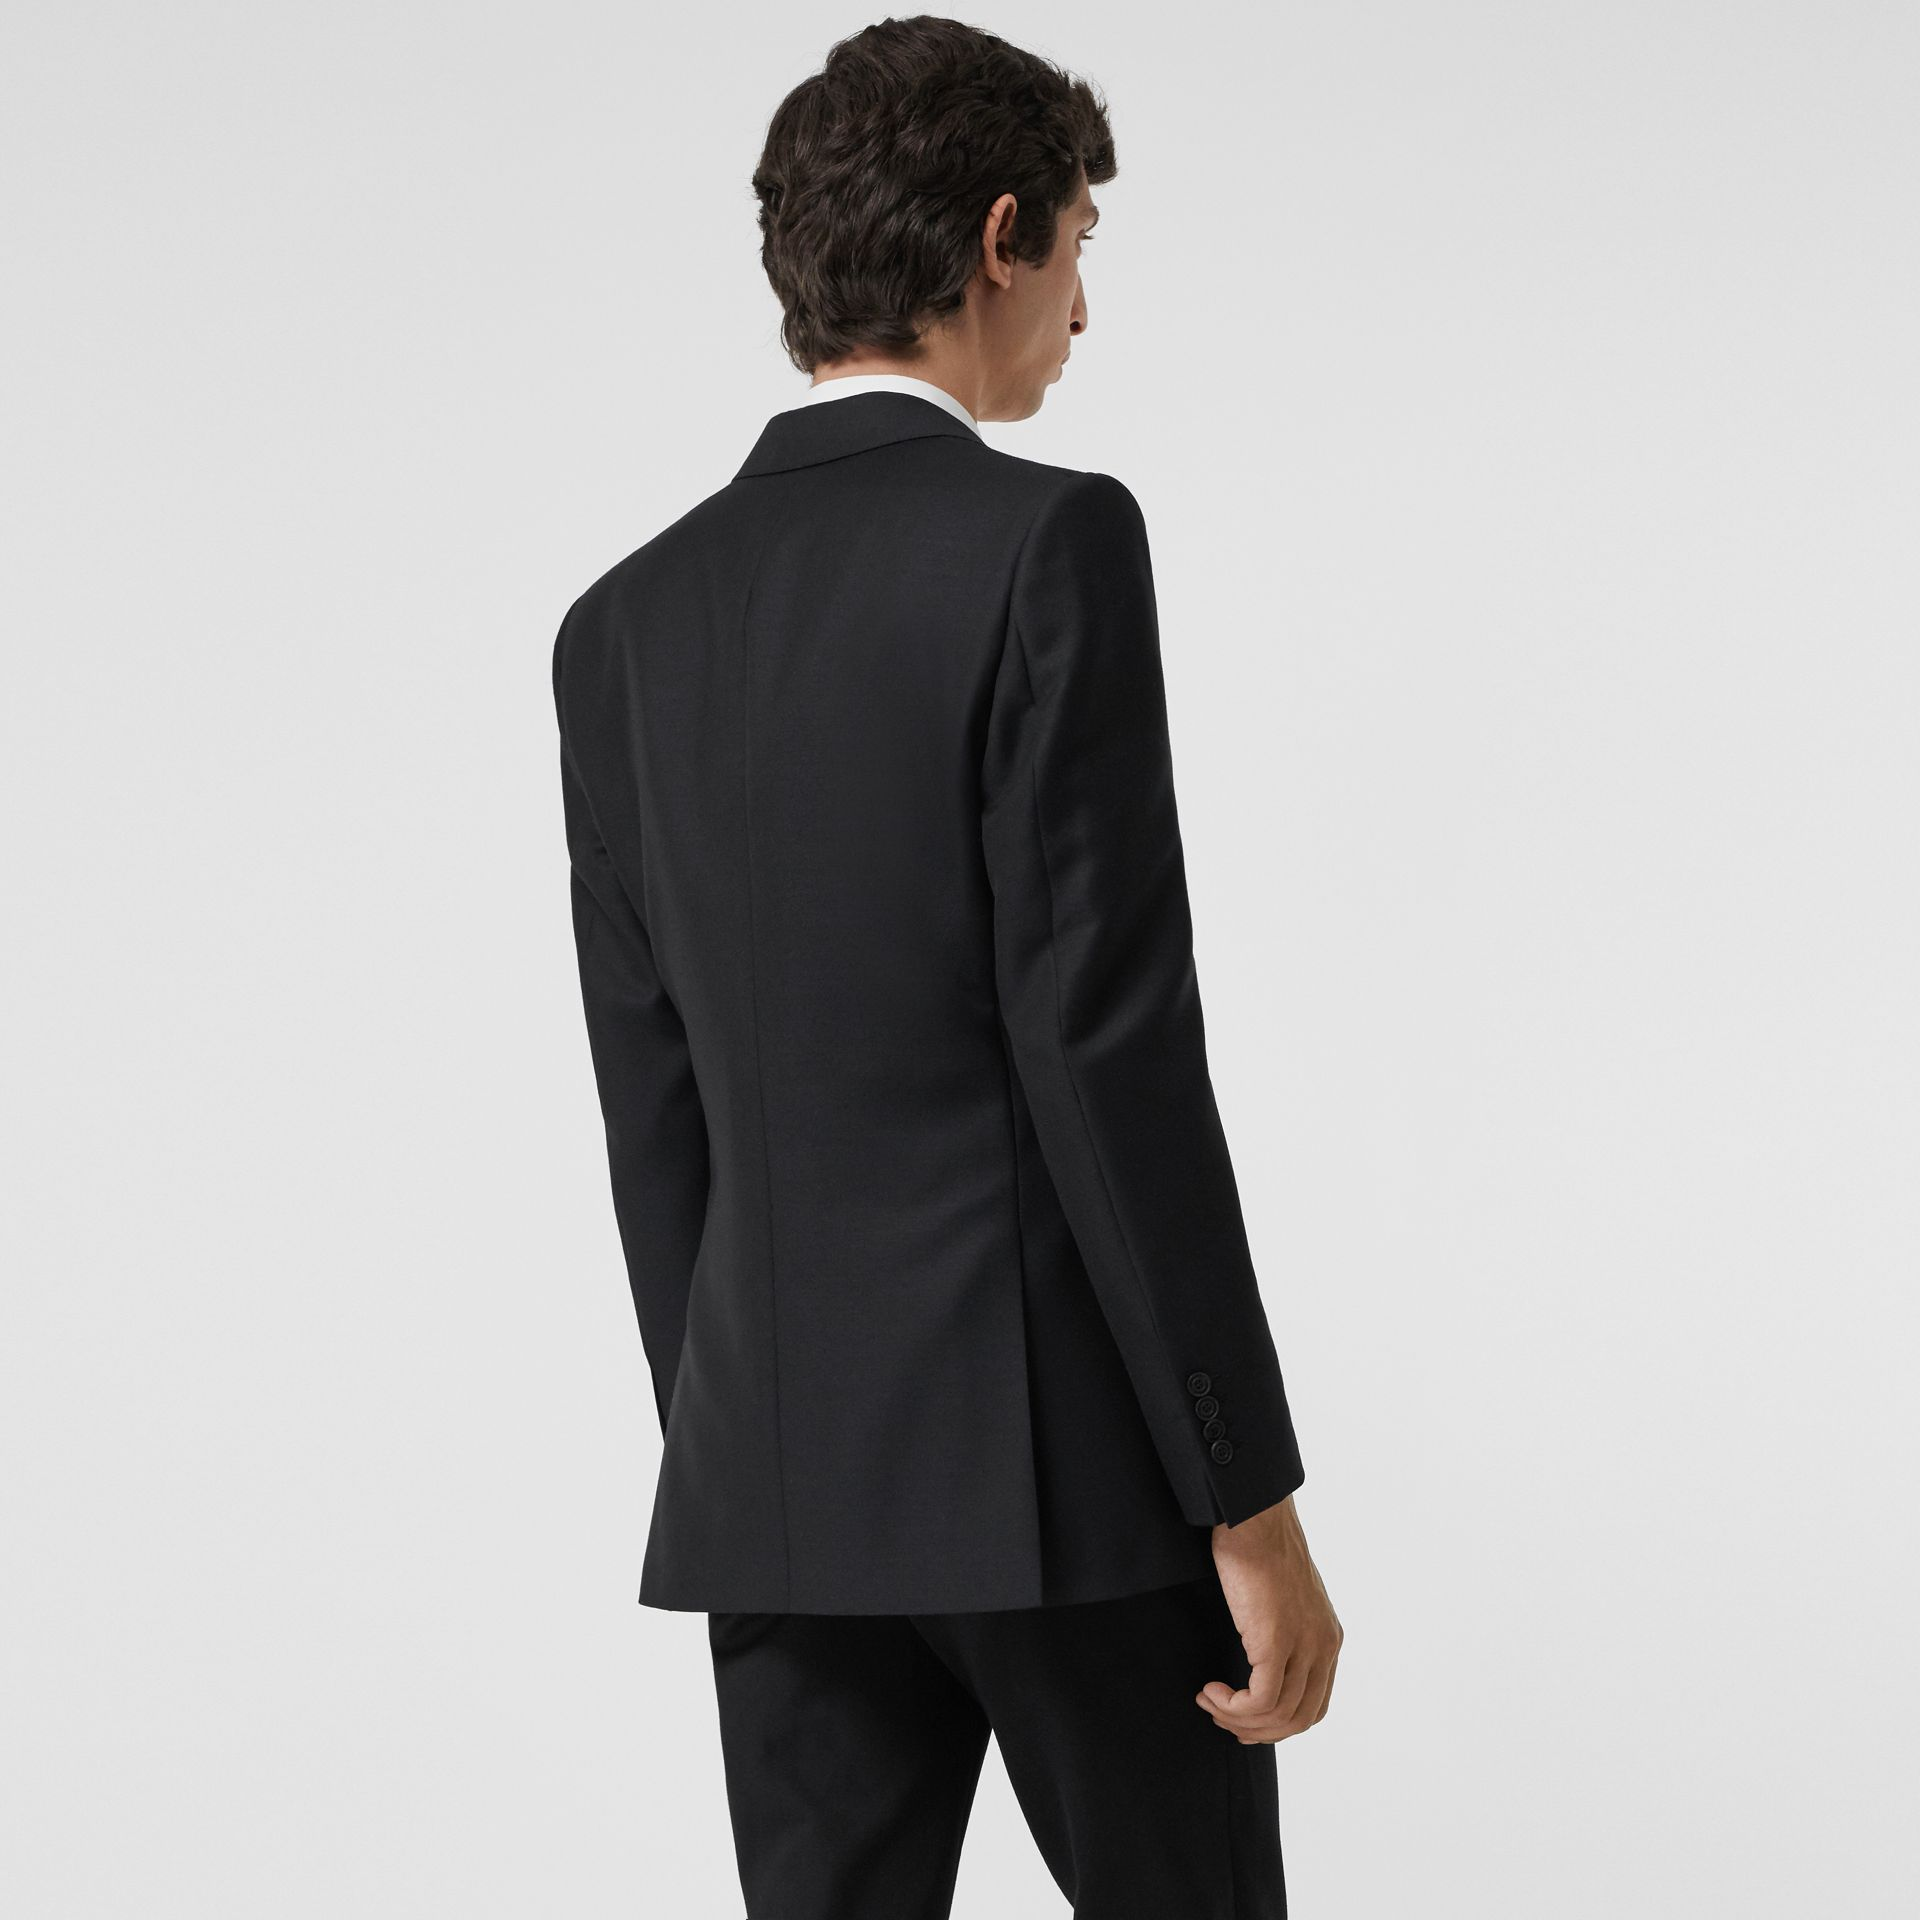 슬림핏 울 모헤어 테일러드 재킷 (블랙) - 남성 | Burberry - 갤러리 이미지 1